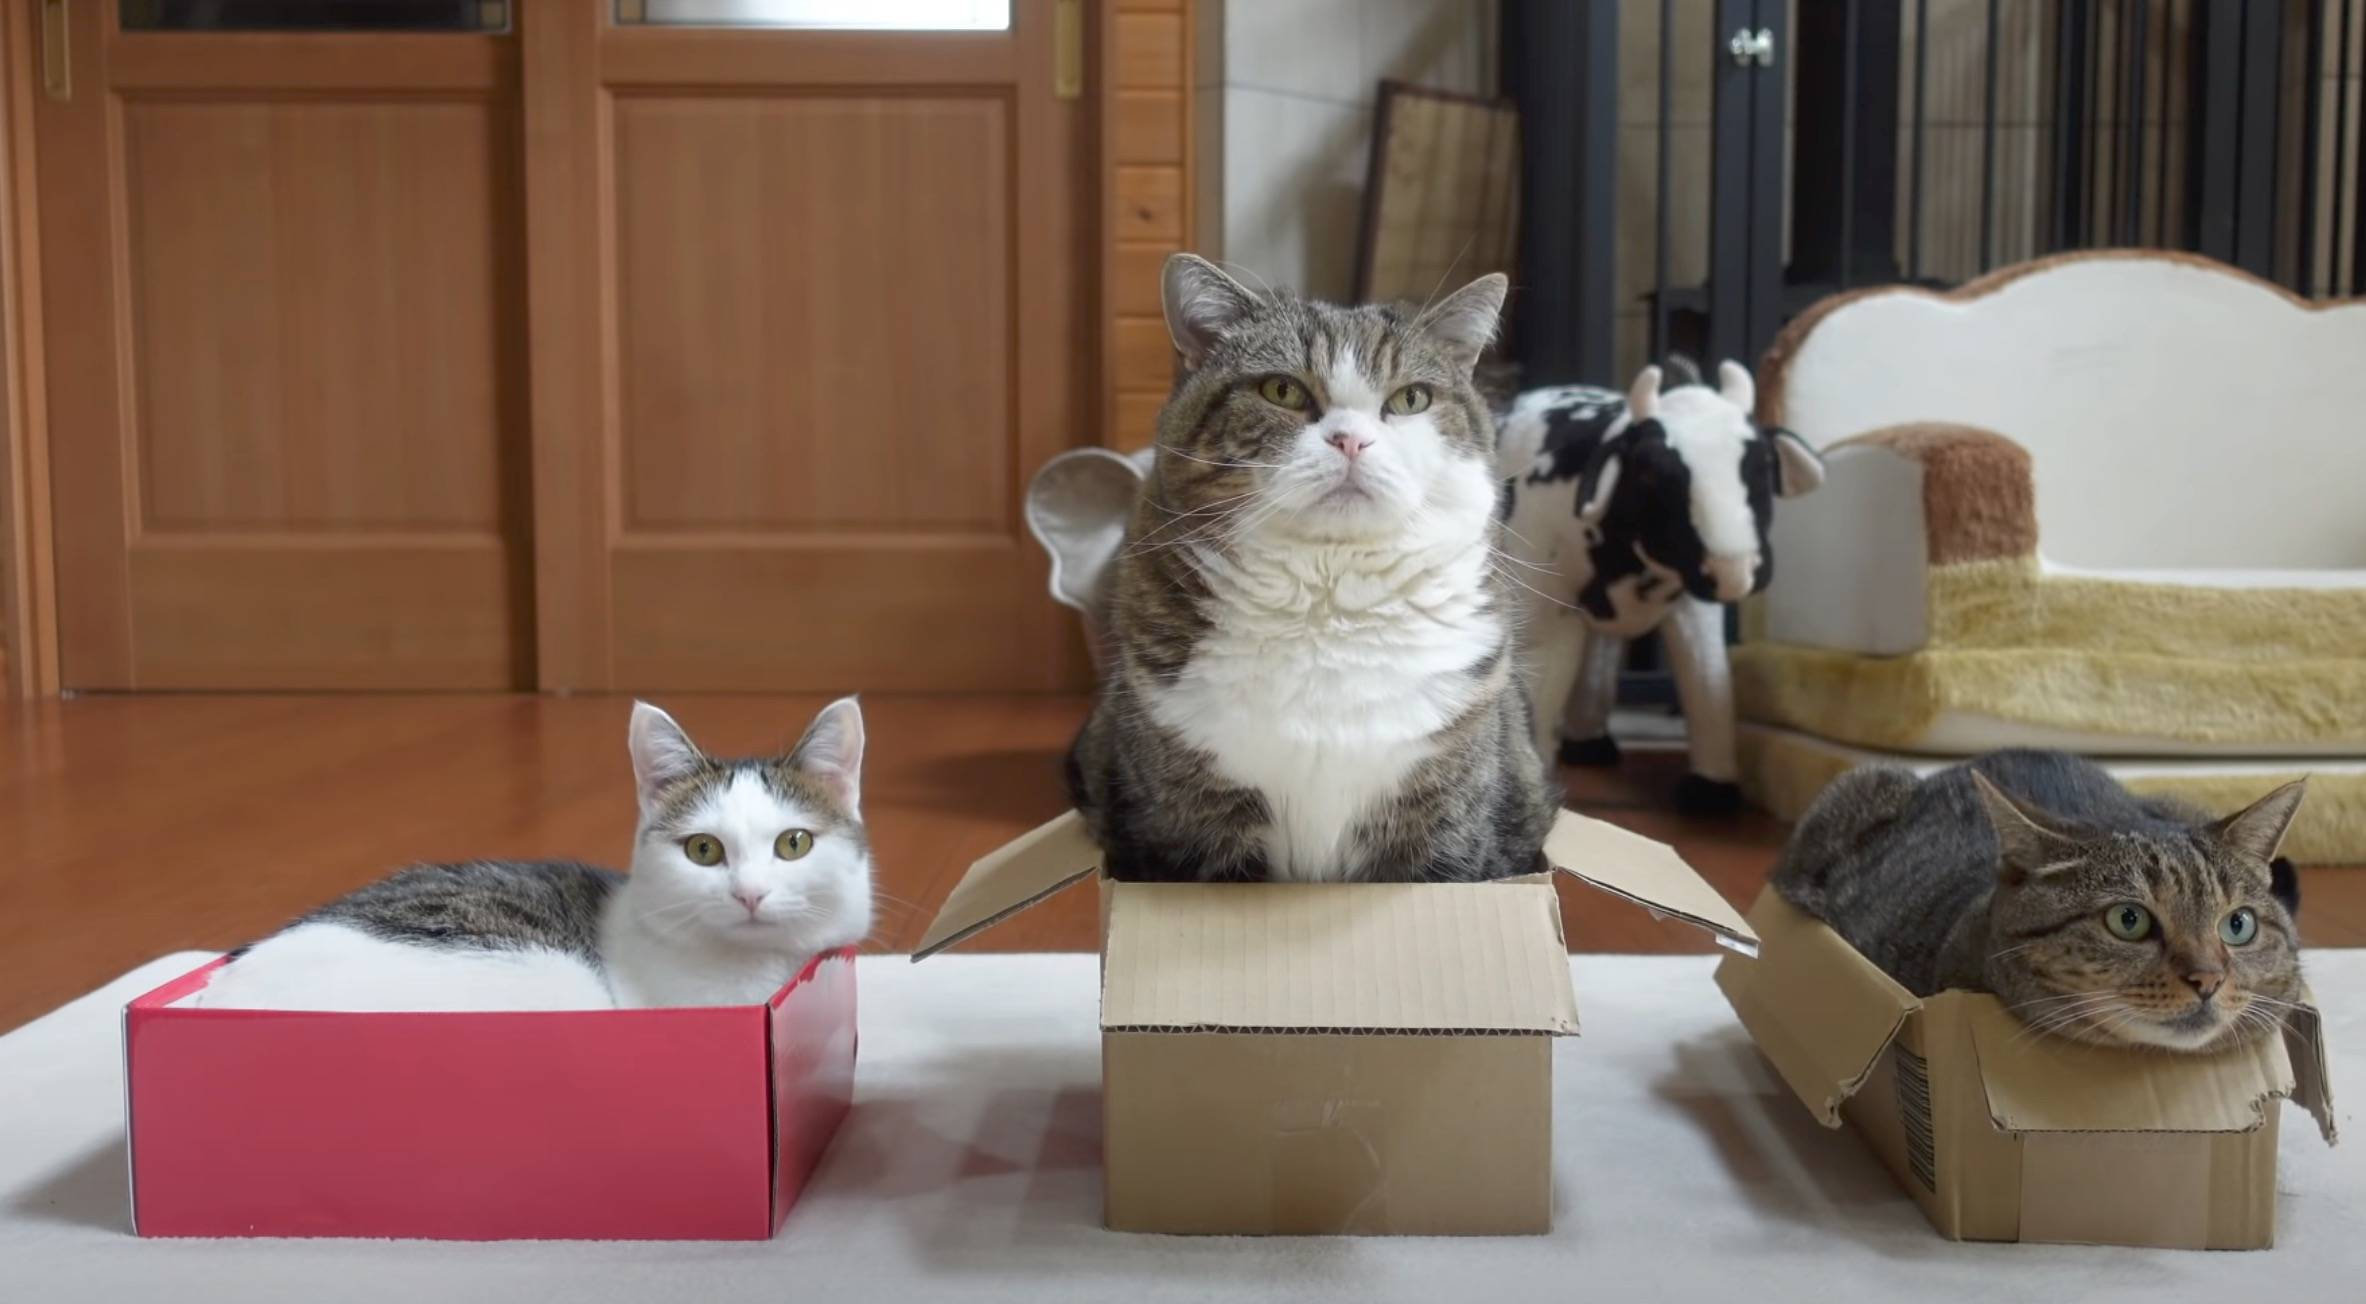 日本的猫咪视频播主年收破850万日币都上不了前10,我打算改行了_Maru